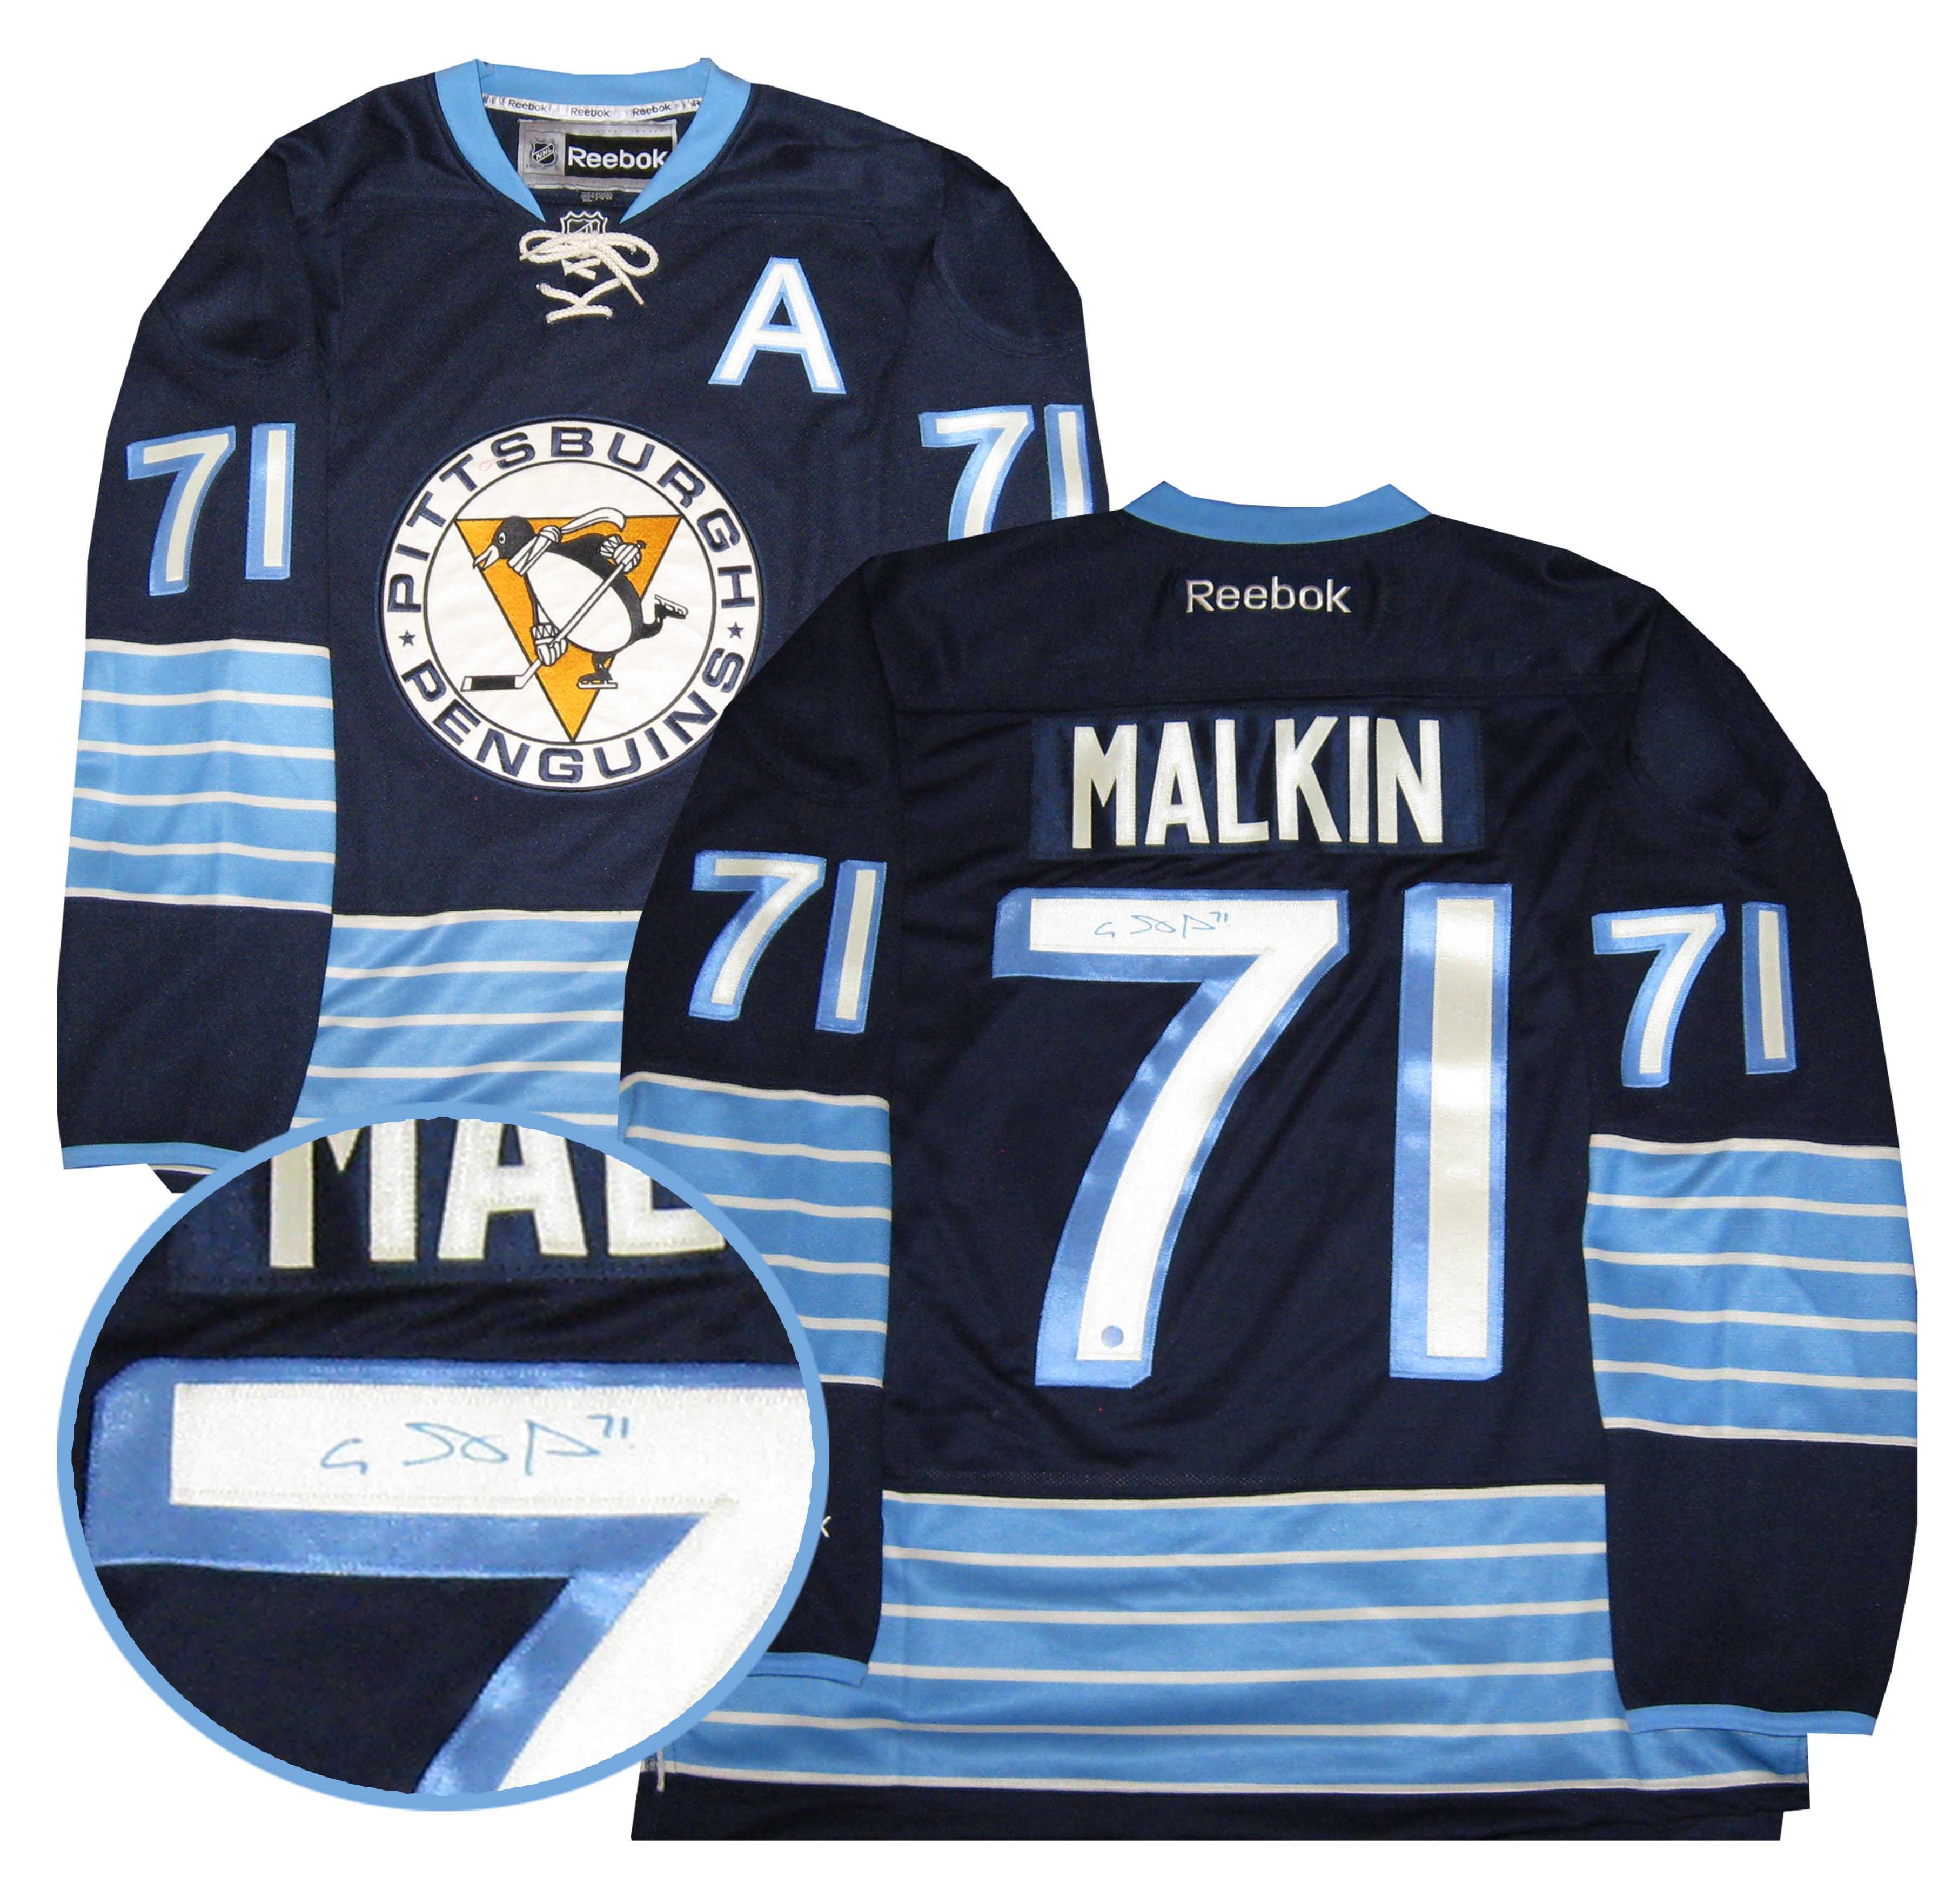 malkin blue jersey